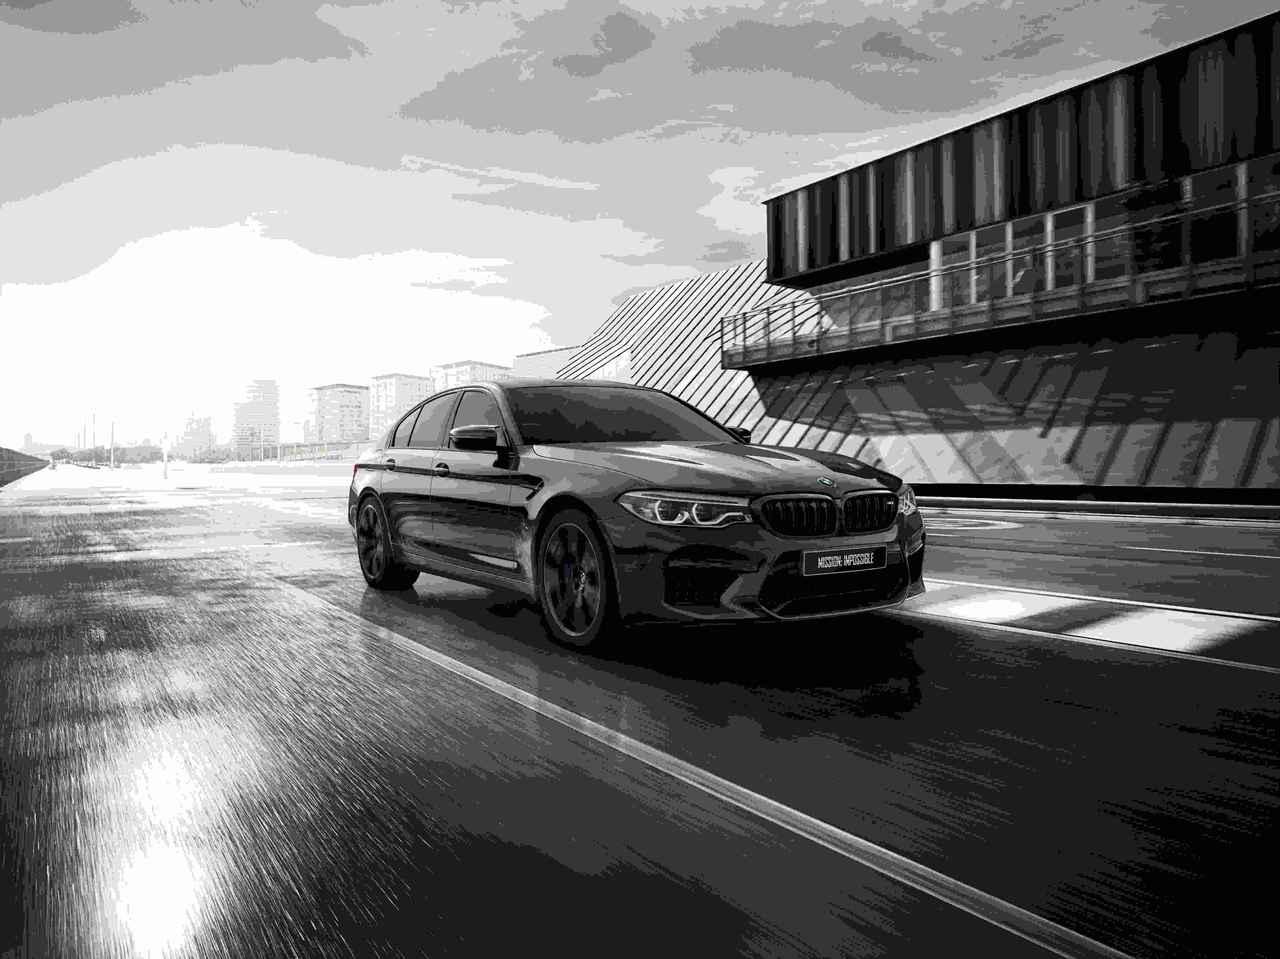 画像2: 新型BMW M5 Edition MISSION: IMPOSSIBLEについて